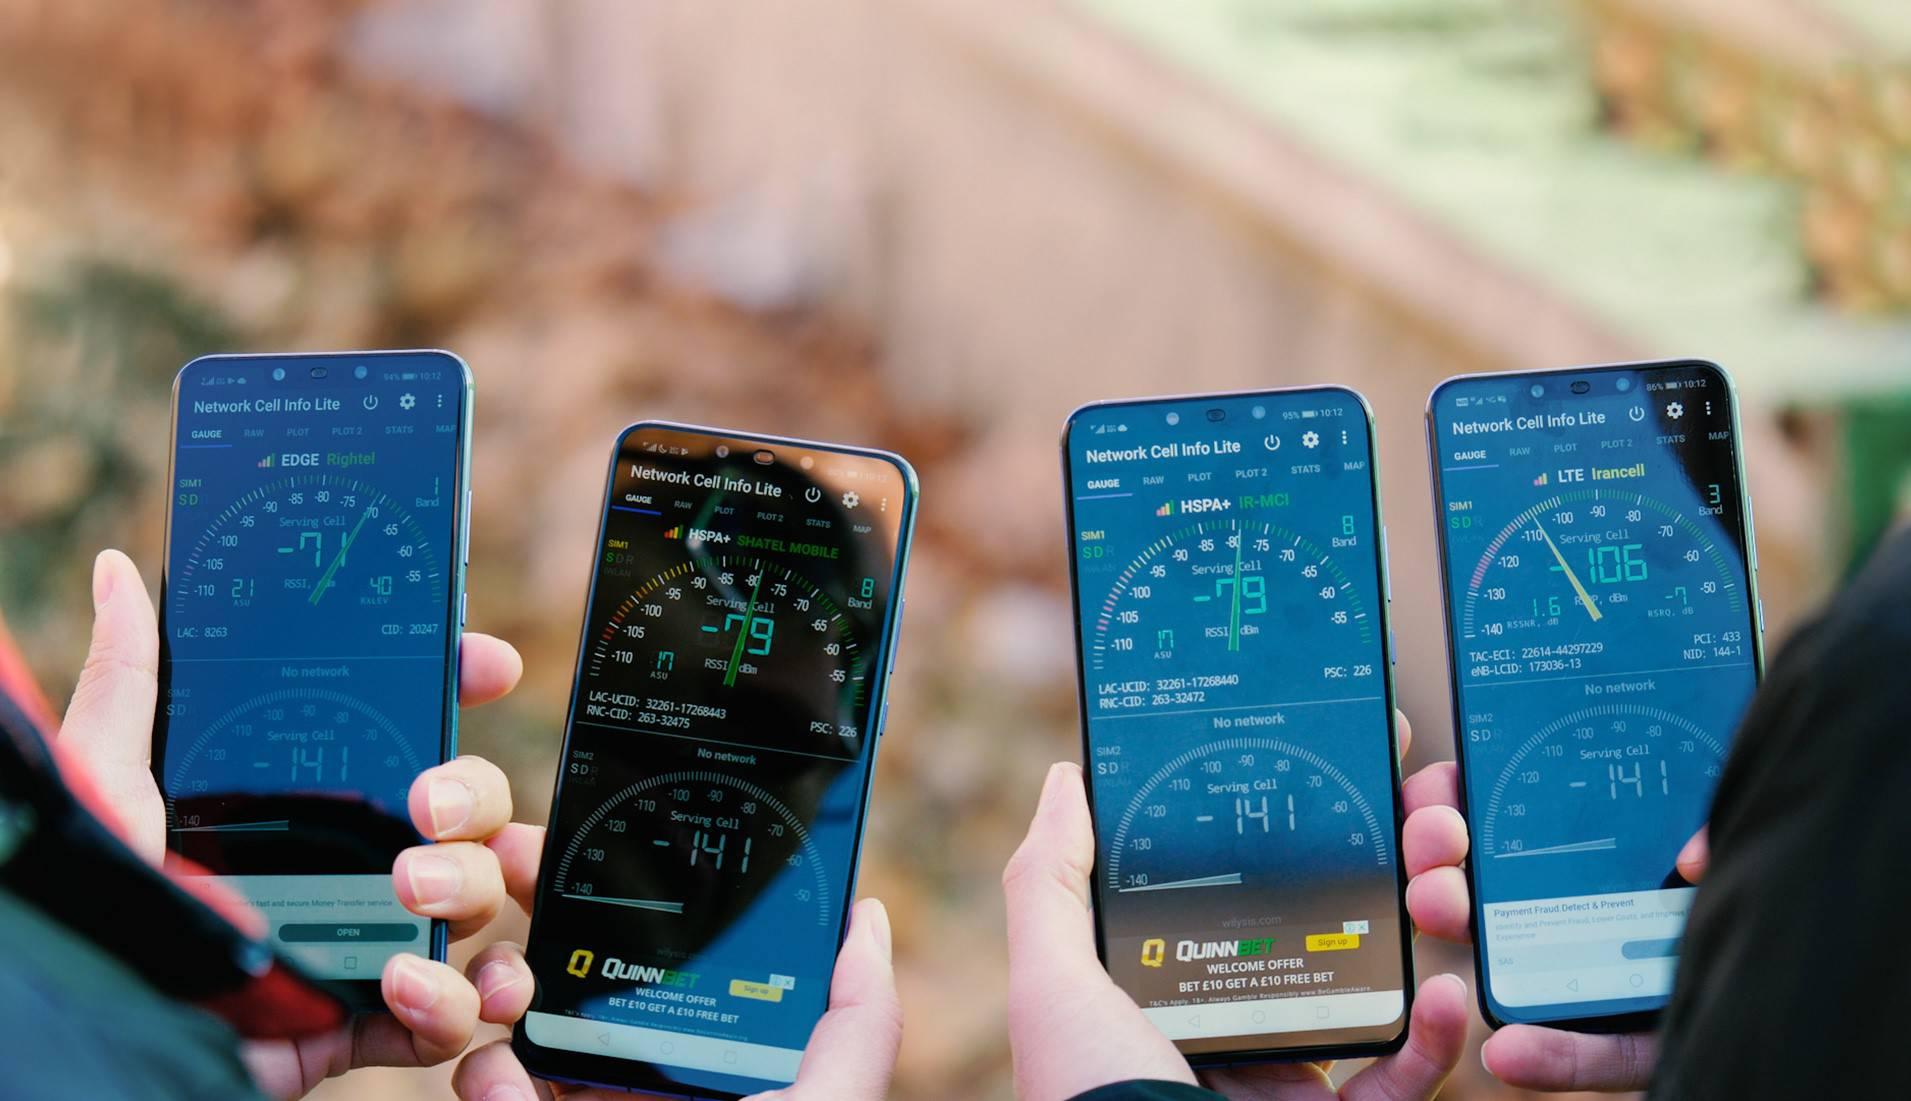 اختلال شبکه موبایل اپراتورها تا ۳ روز دیگر رفع می شود